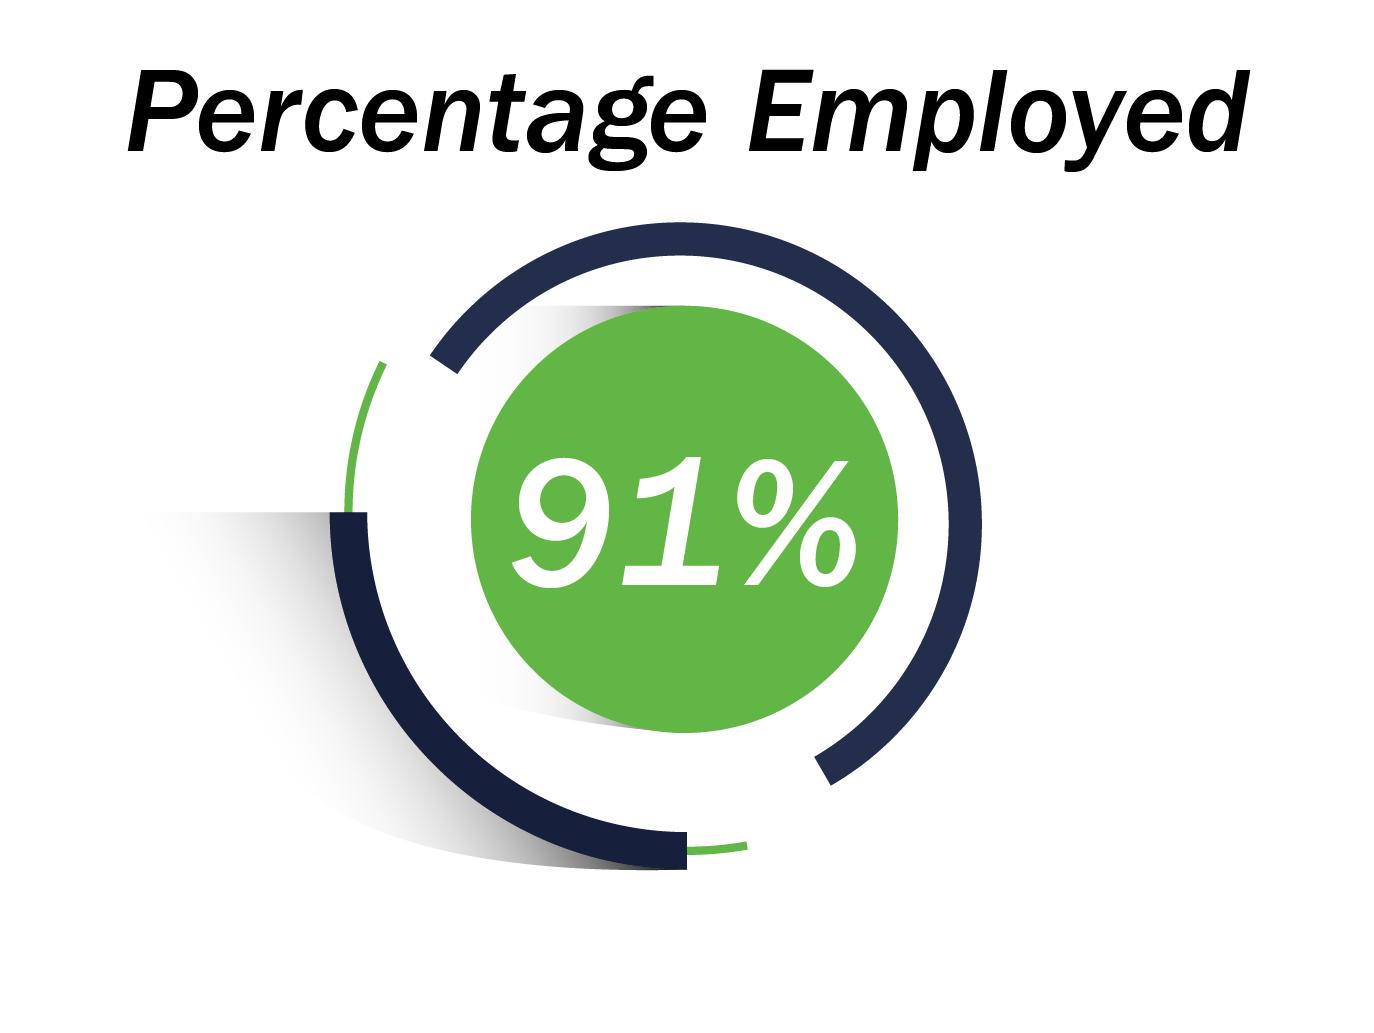 91% Percentage Employed